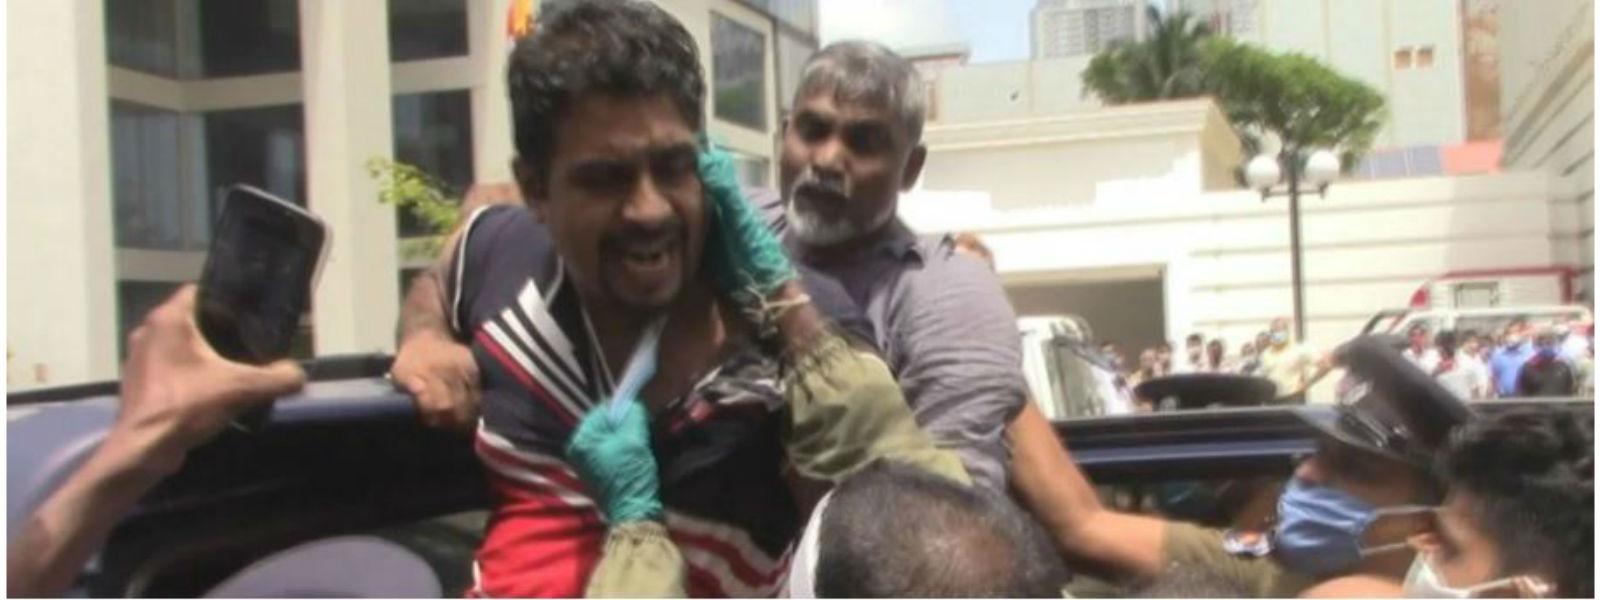 முன்னிலை சோசலிசக் கட்சி உறுப்பினர்கள் 53 பேருக்கு பிணை